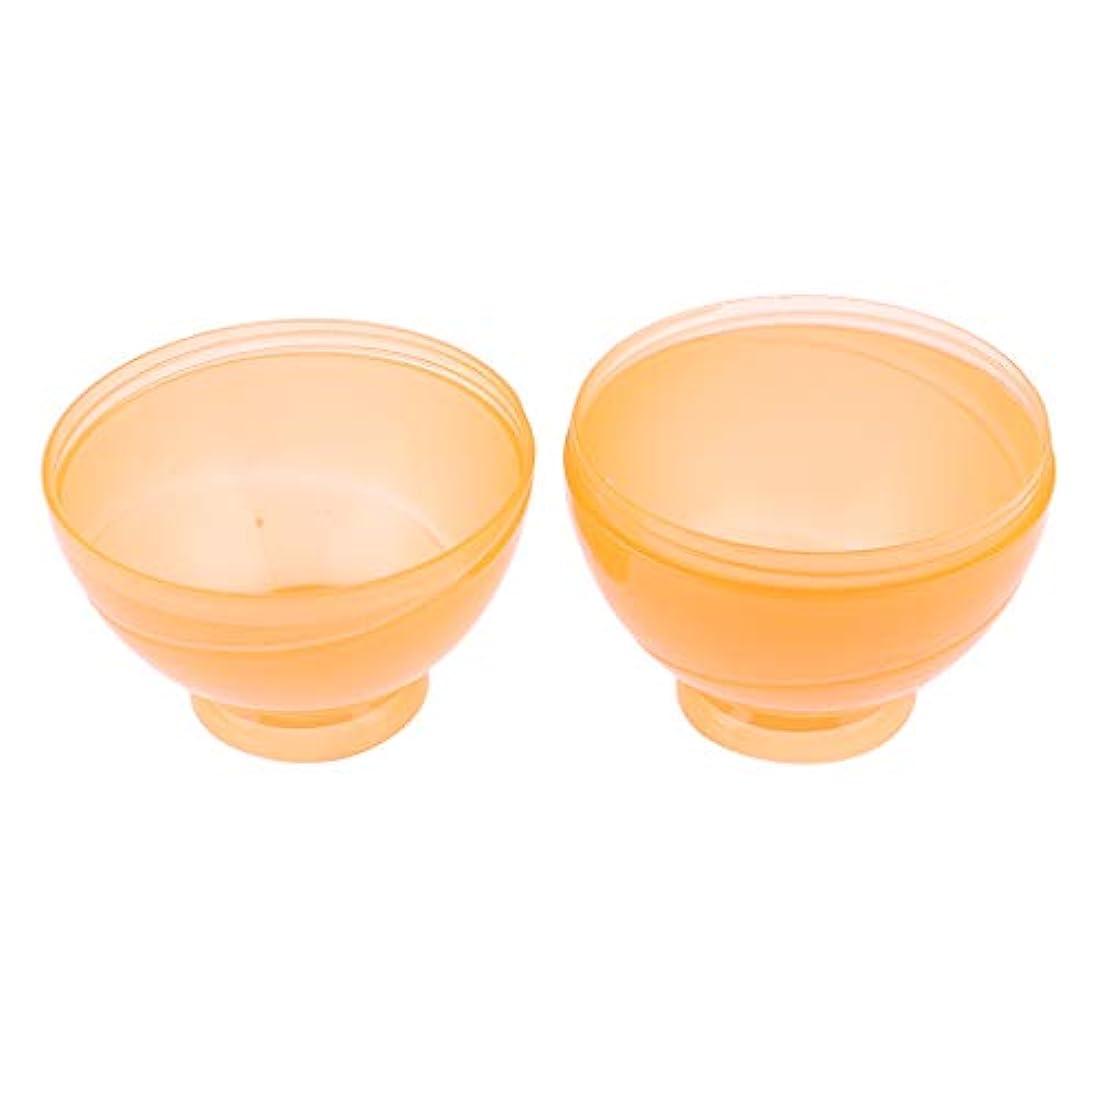 スローガン世論調査終わった全3色 ヘアカラー ミキシングボトル プロ 美容師 キャンディー形状 便利 漏れ防止 - オレンジ